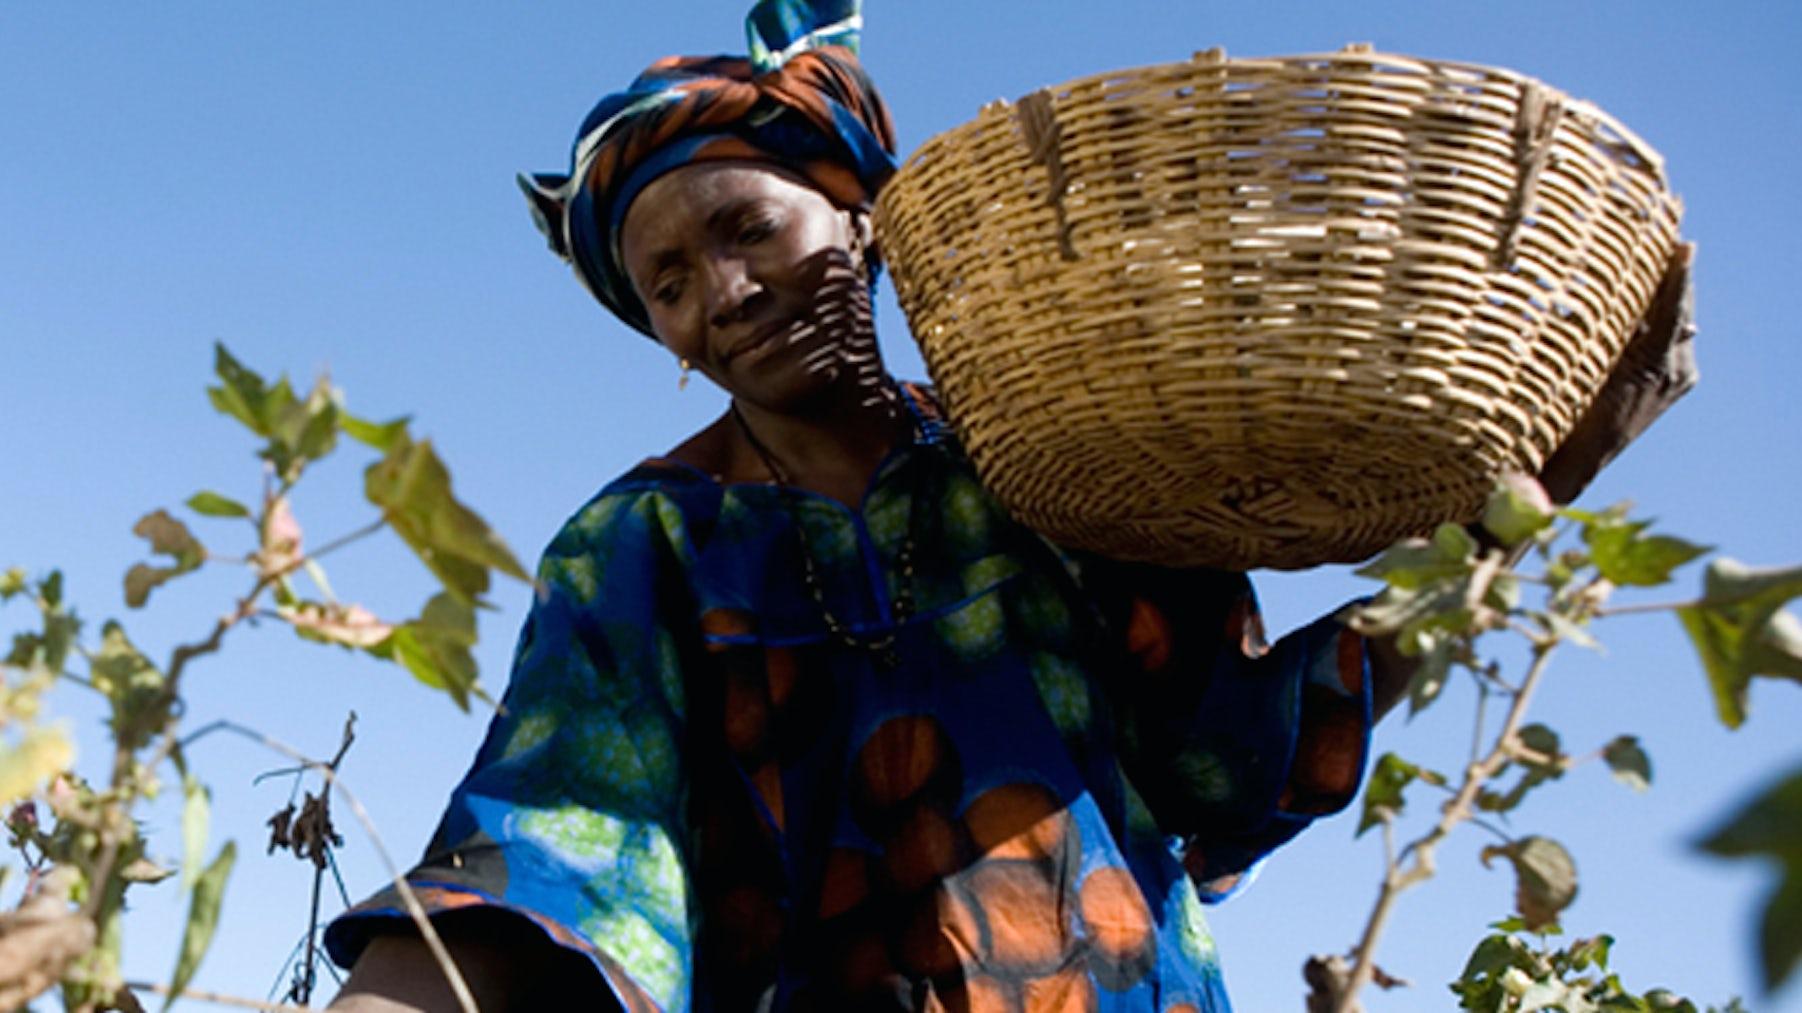 A Fair Trade Cotton Farmer   Source: Fair Trade